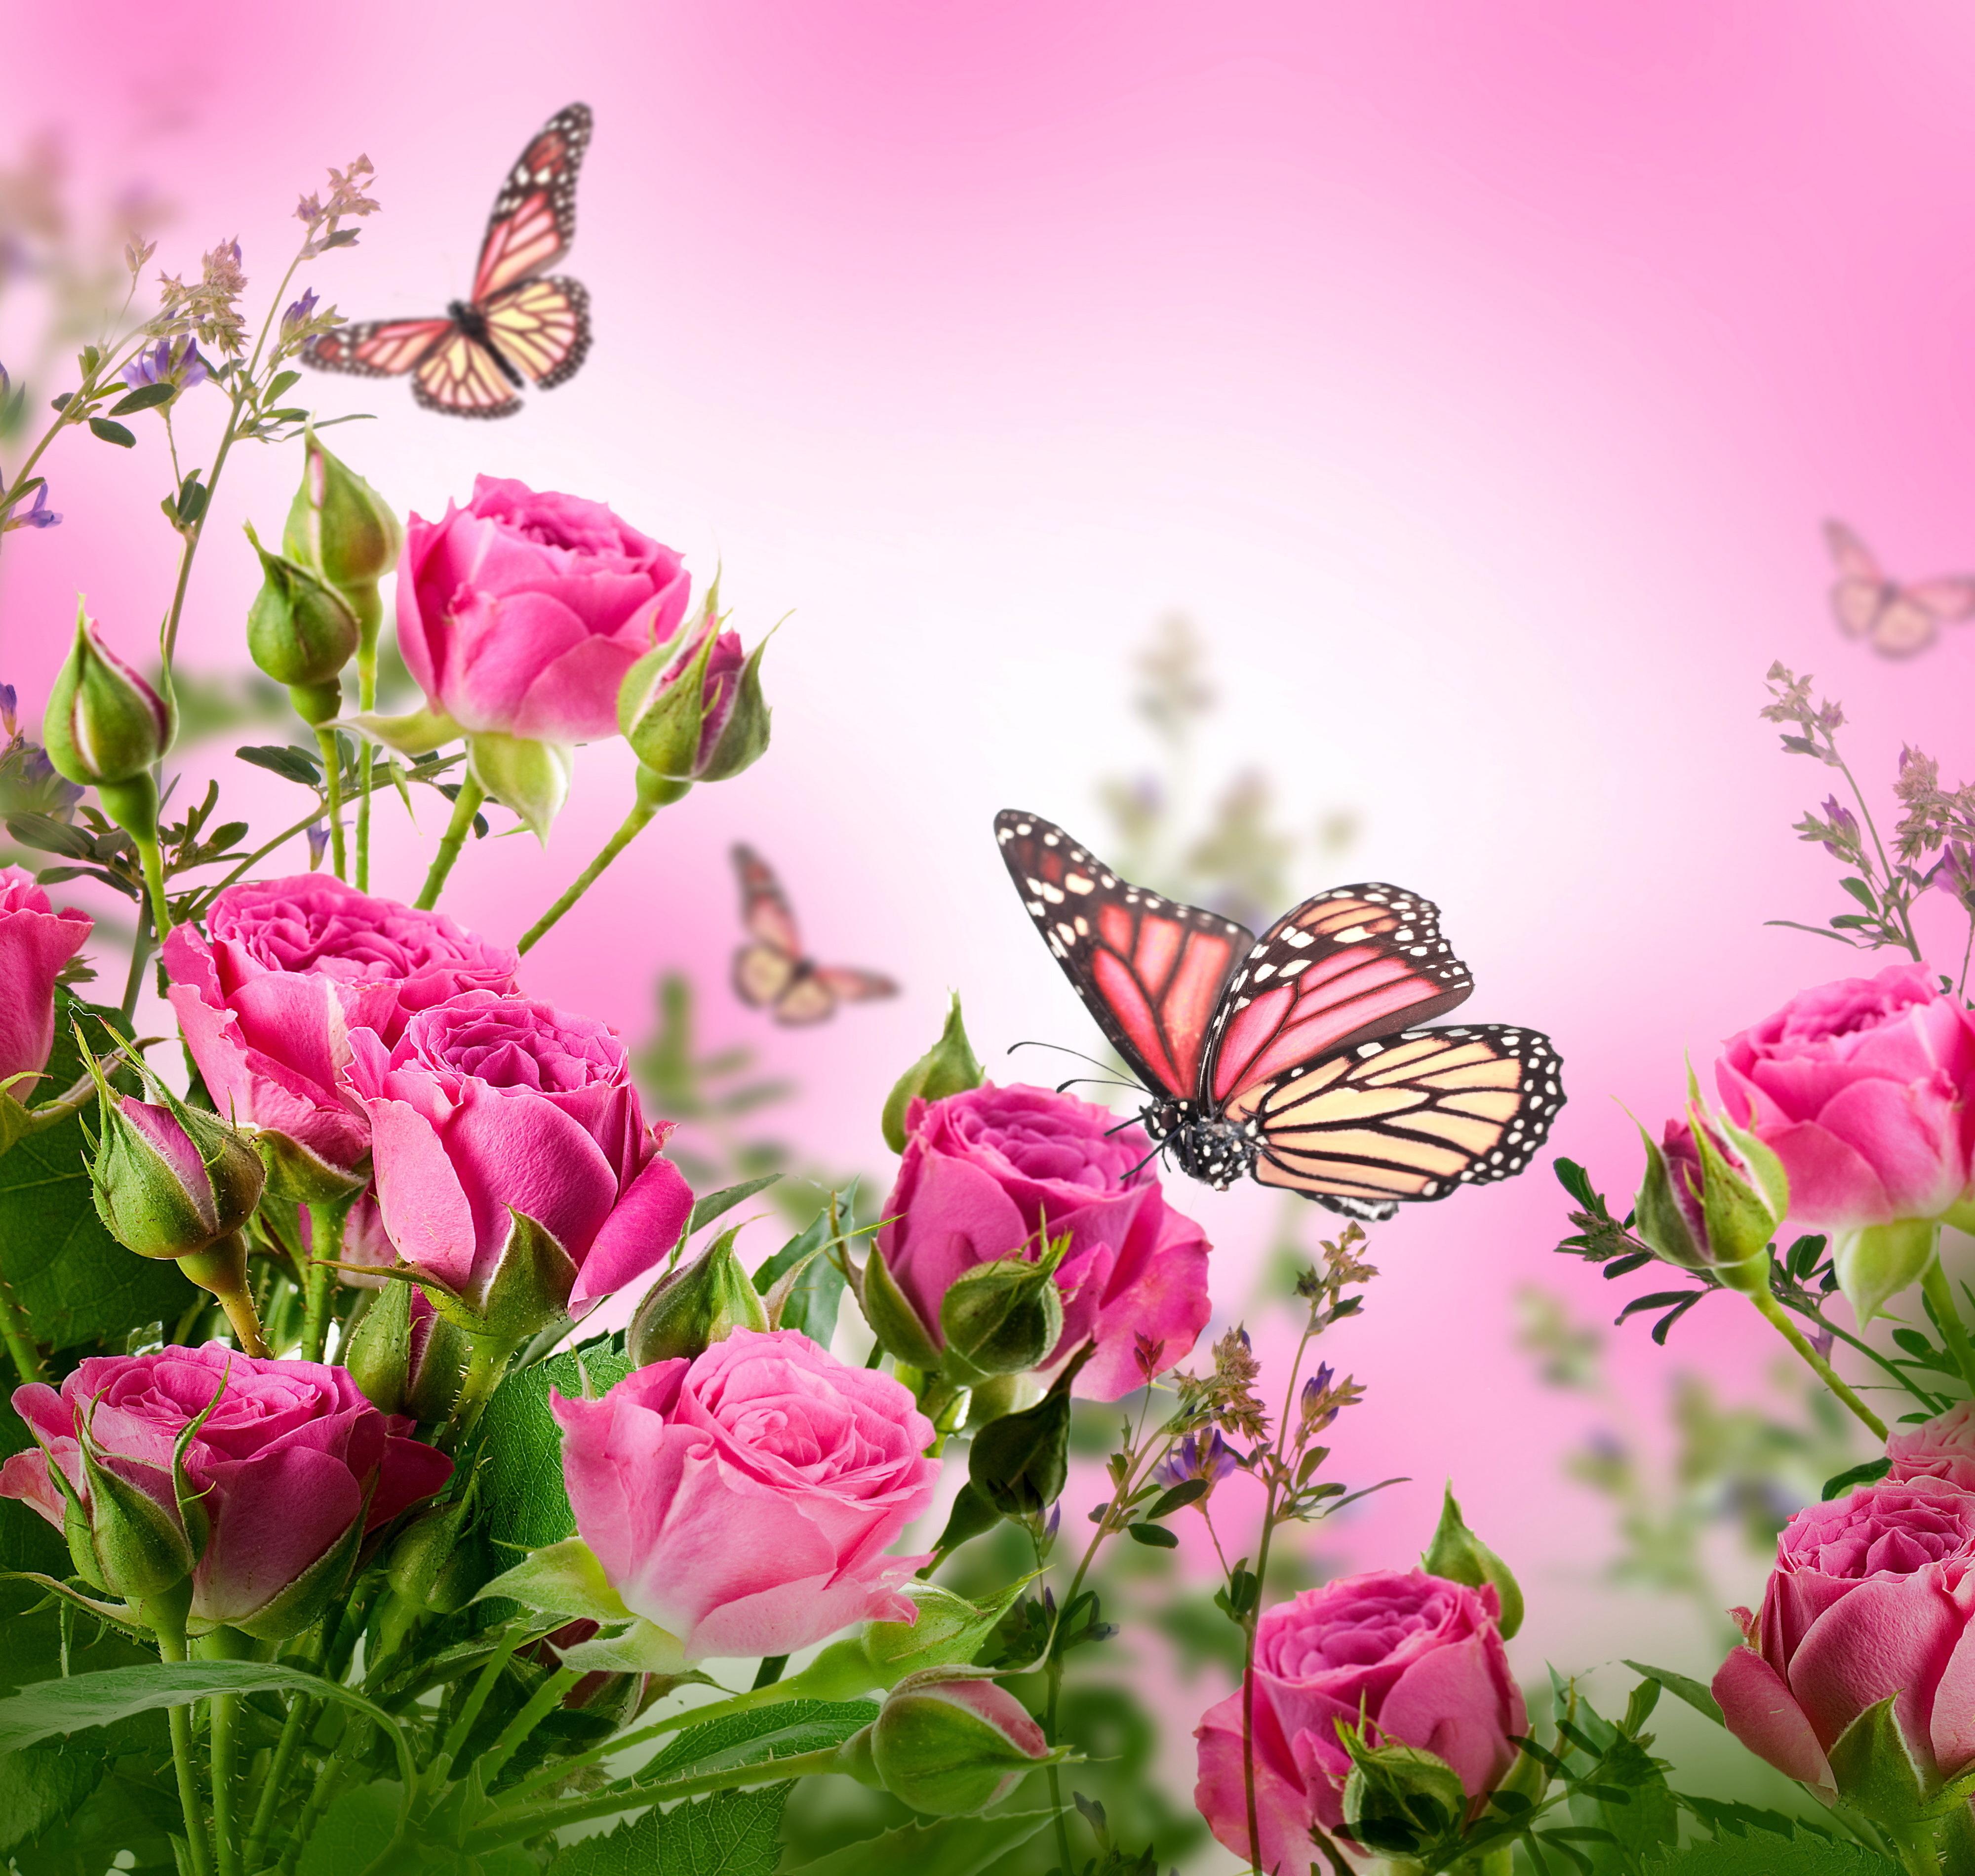 Картинки красивые цветы со смыслом (37 фото) Прикольные 49